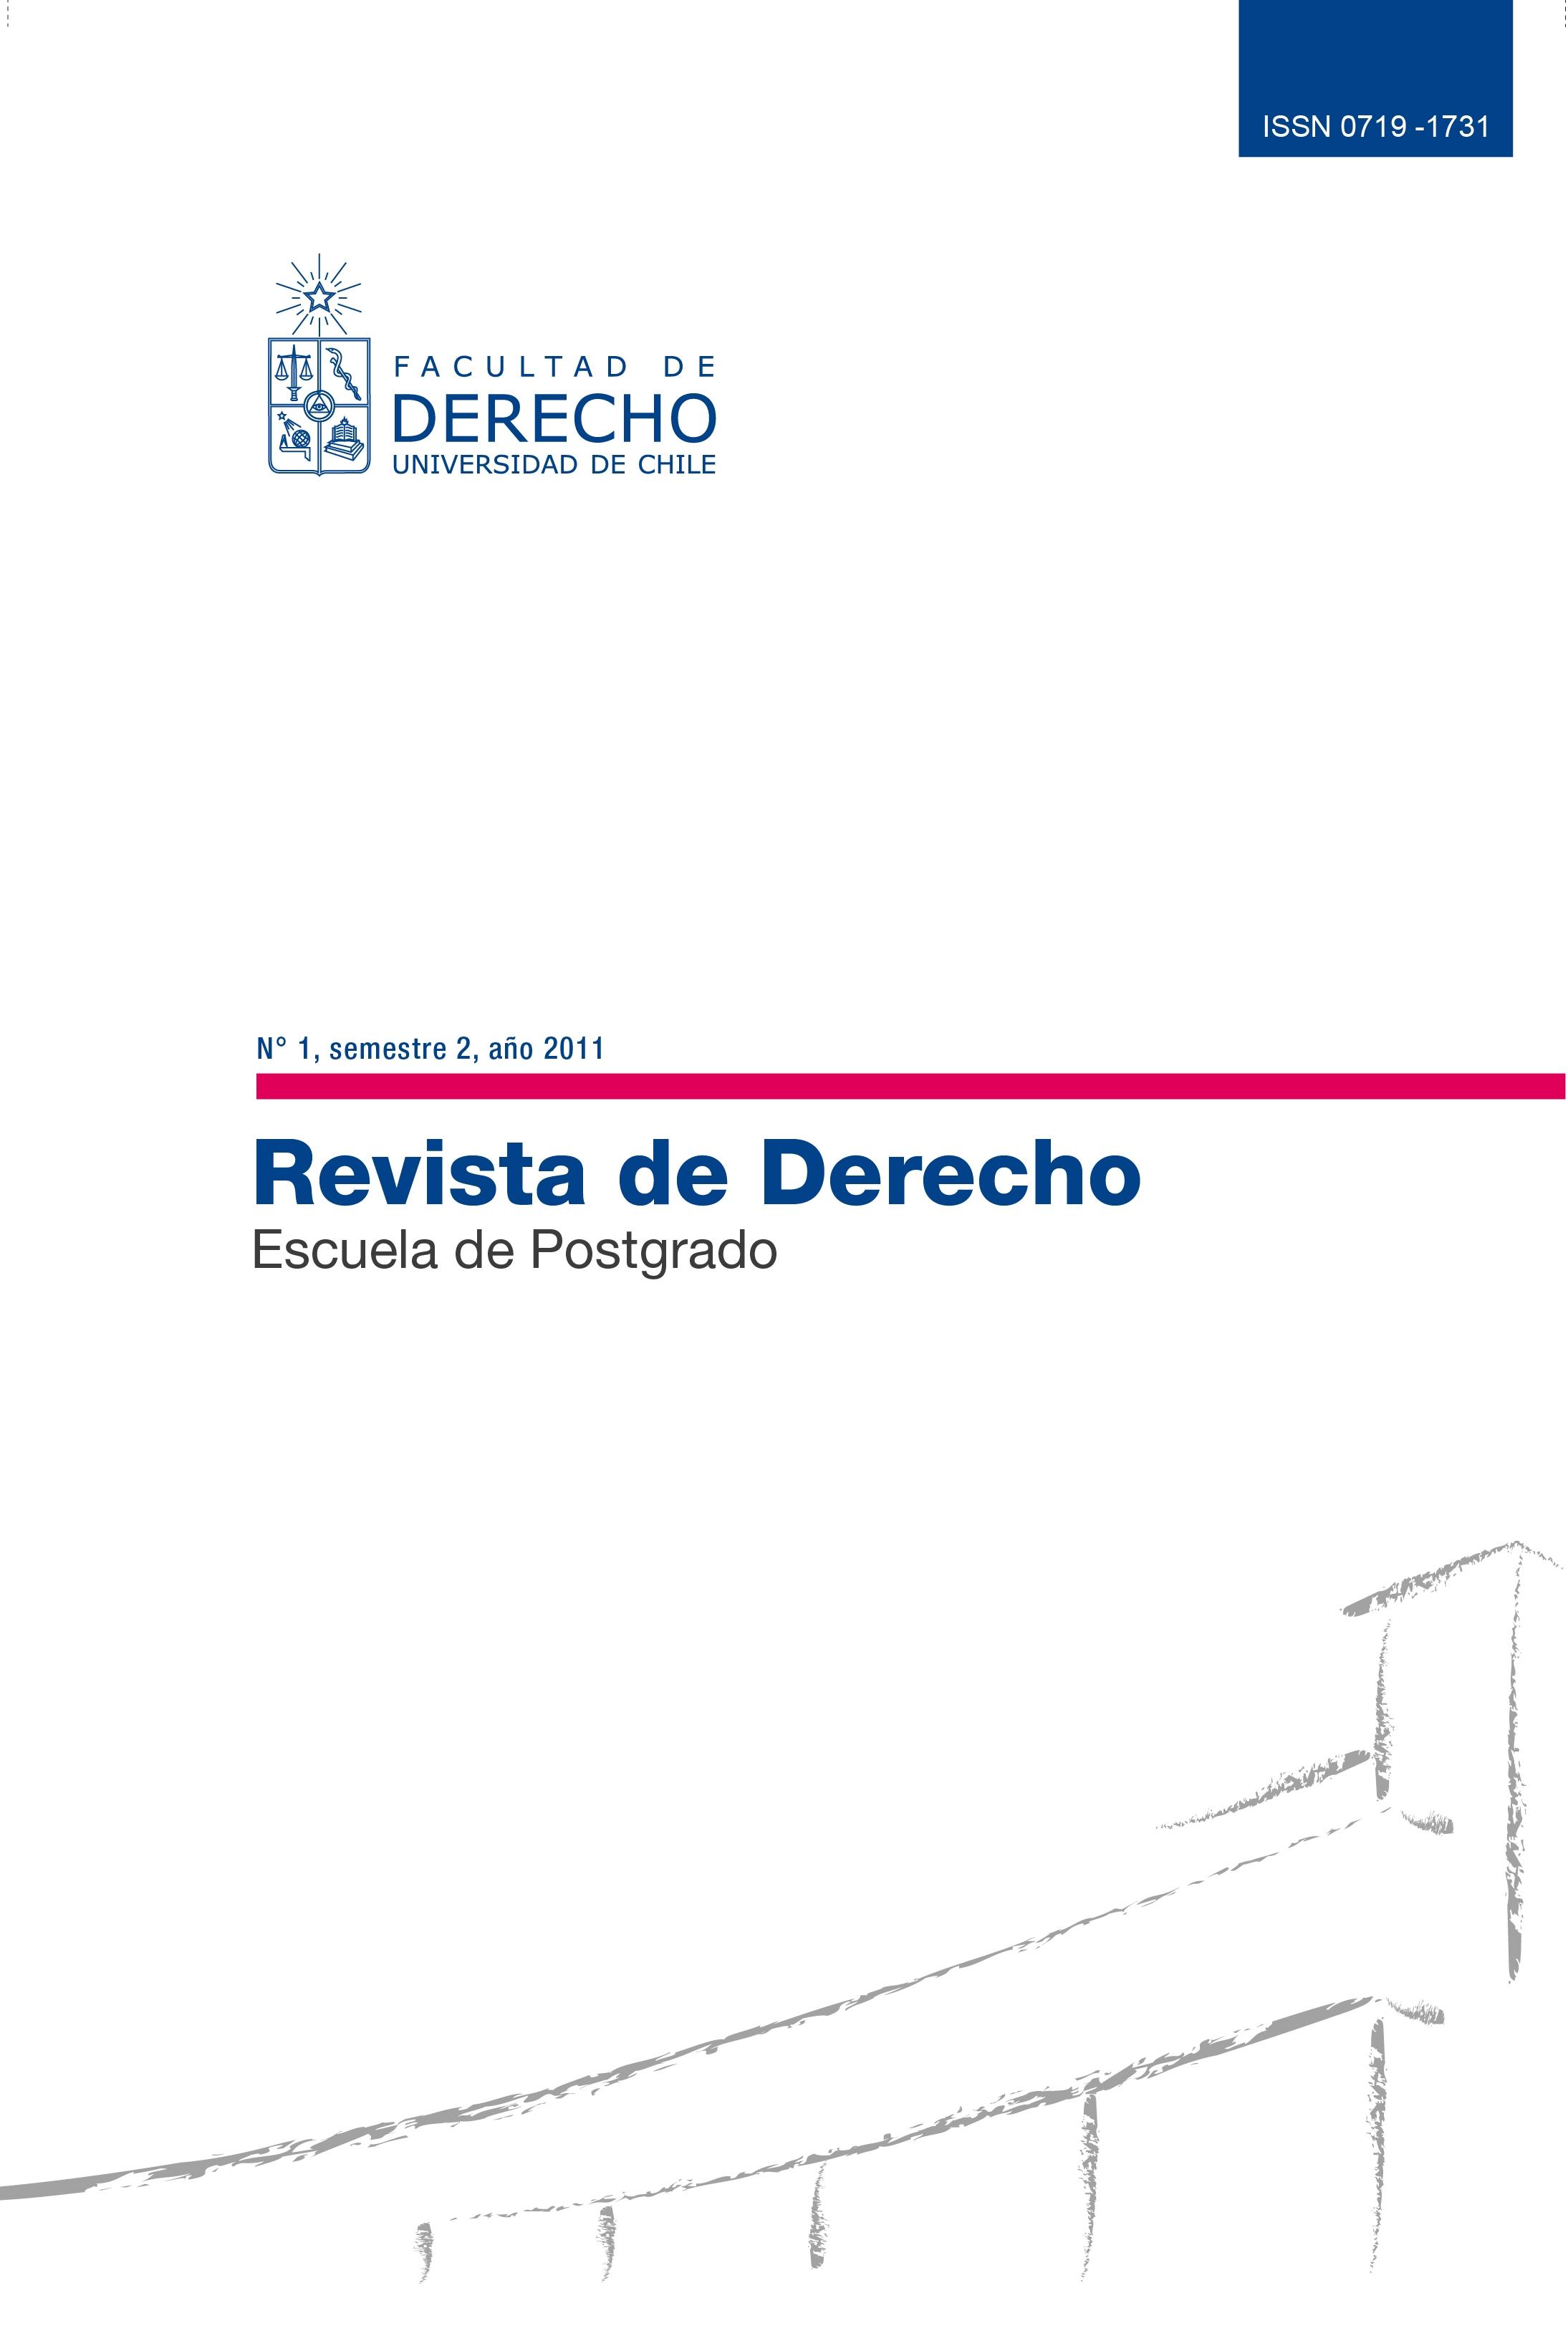 Revista de Derecho Escuela de Postgrado